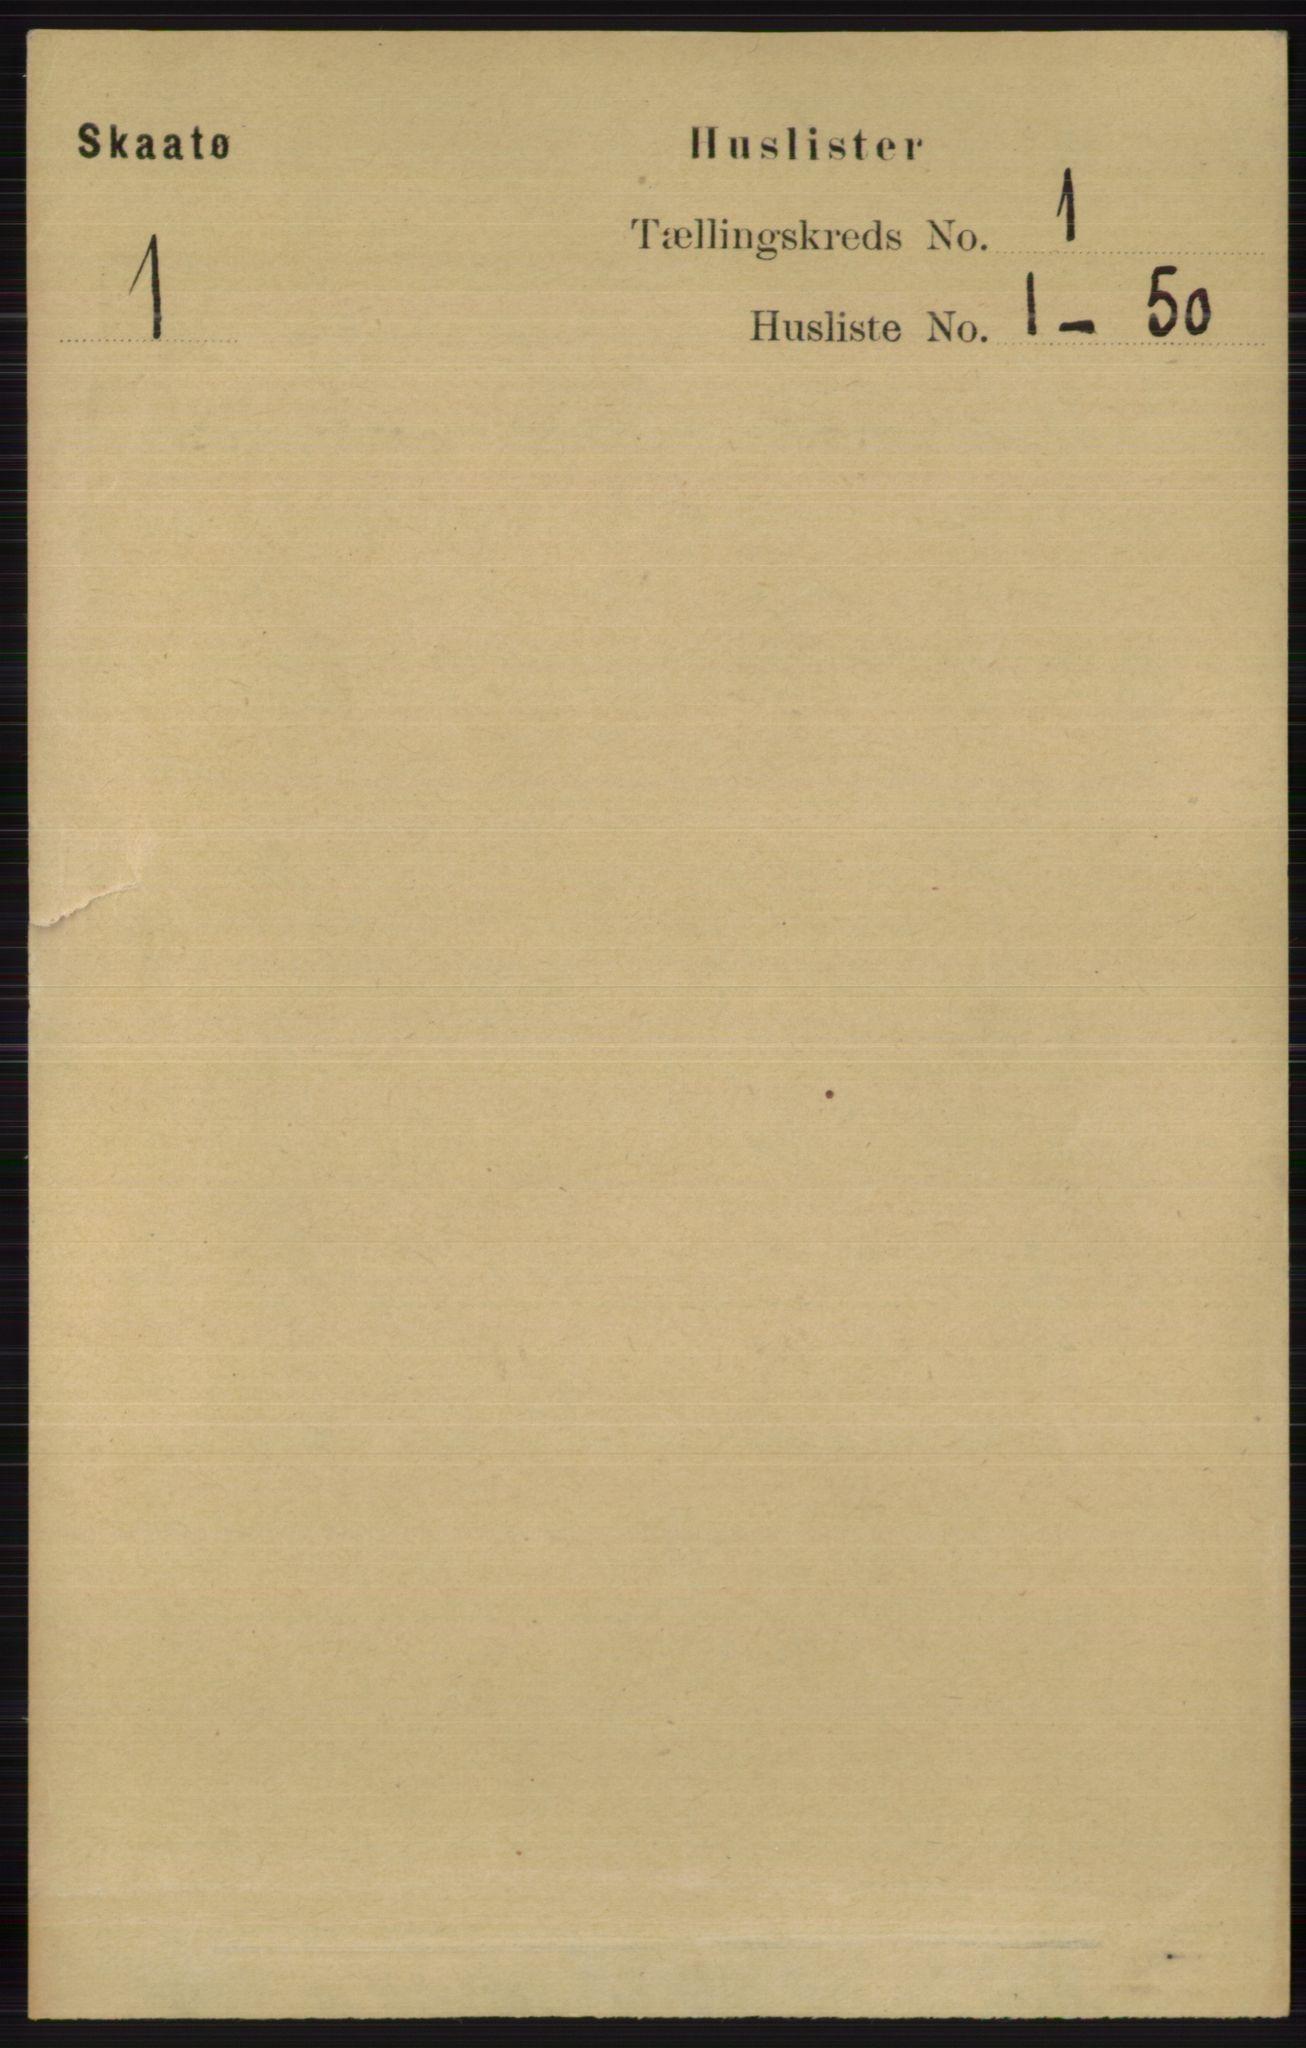 RA, Folketelling 1891 for 0815 Skåtøy herred, 1891, s. 39